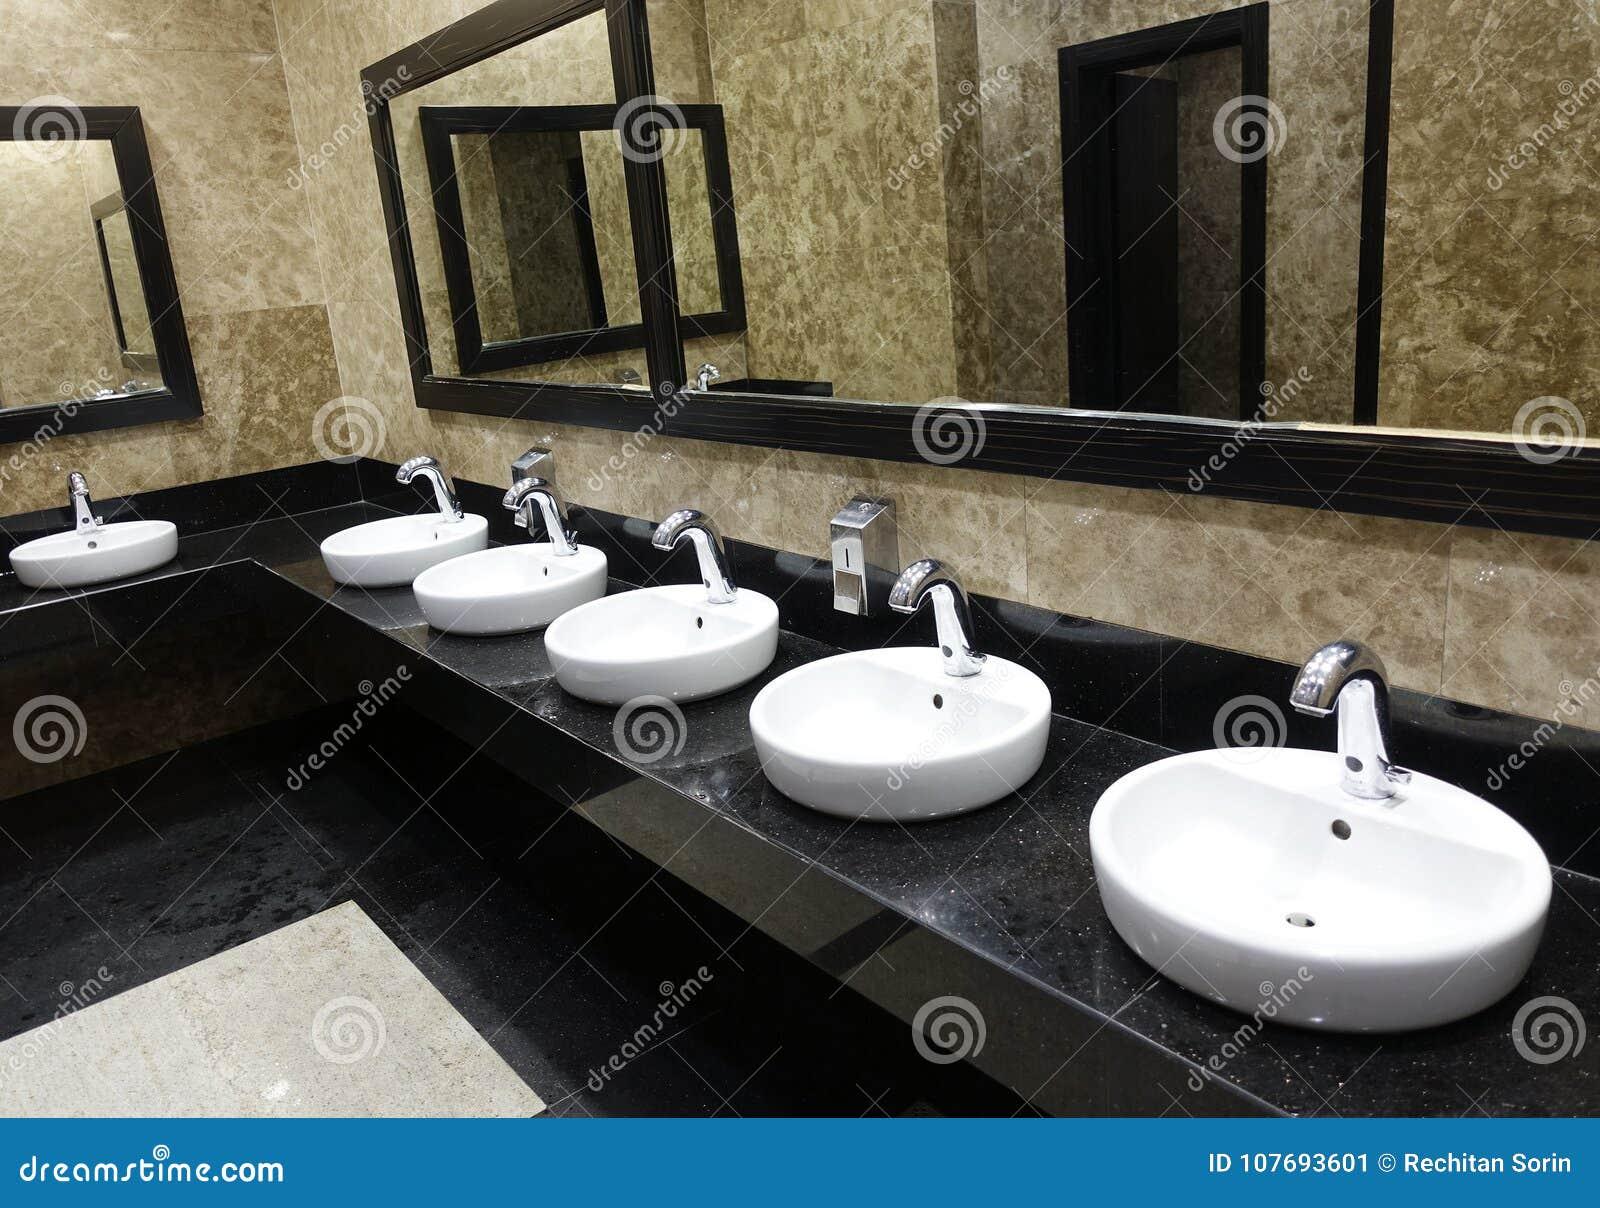 waschbecken toilette finest bad wc und waschbecken mockup nahaufnahme blick auf weie toilette. Black Bedroom Furniture Sets. Home Design Ideas